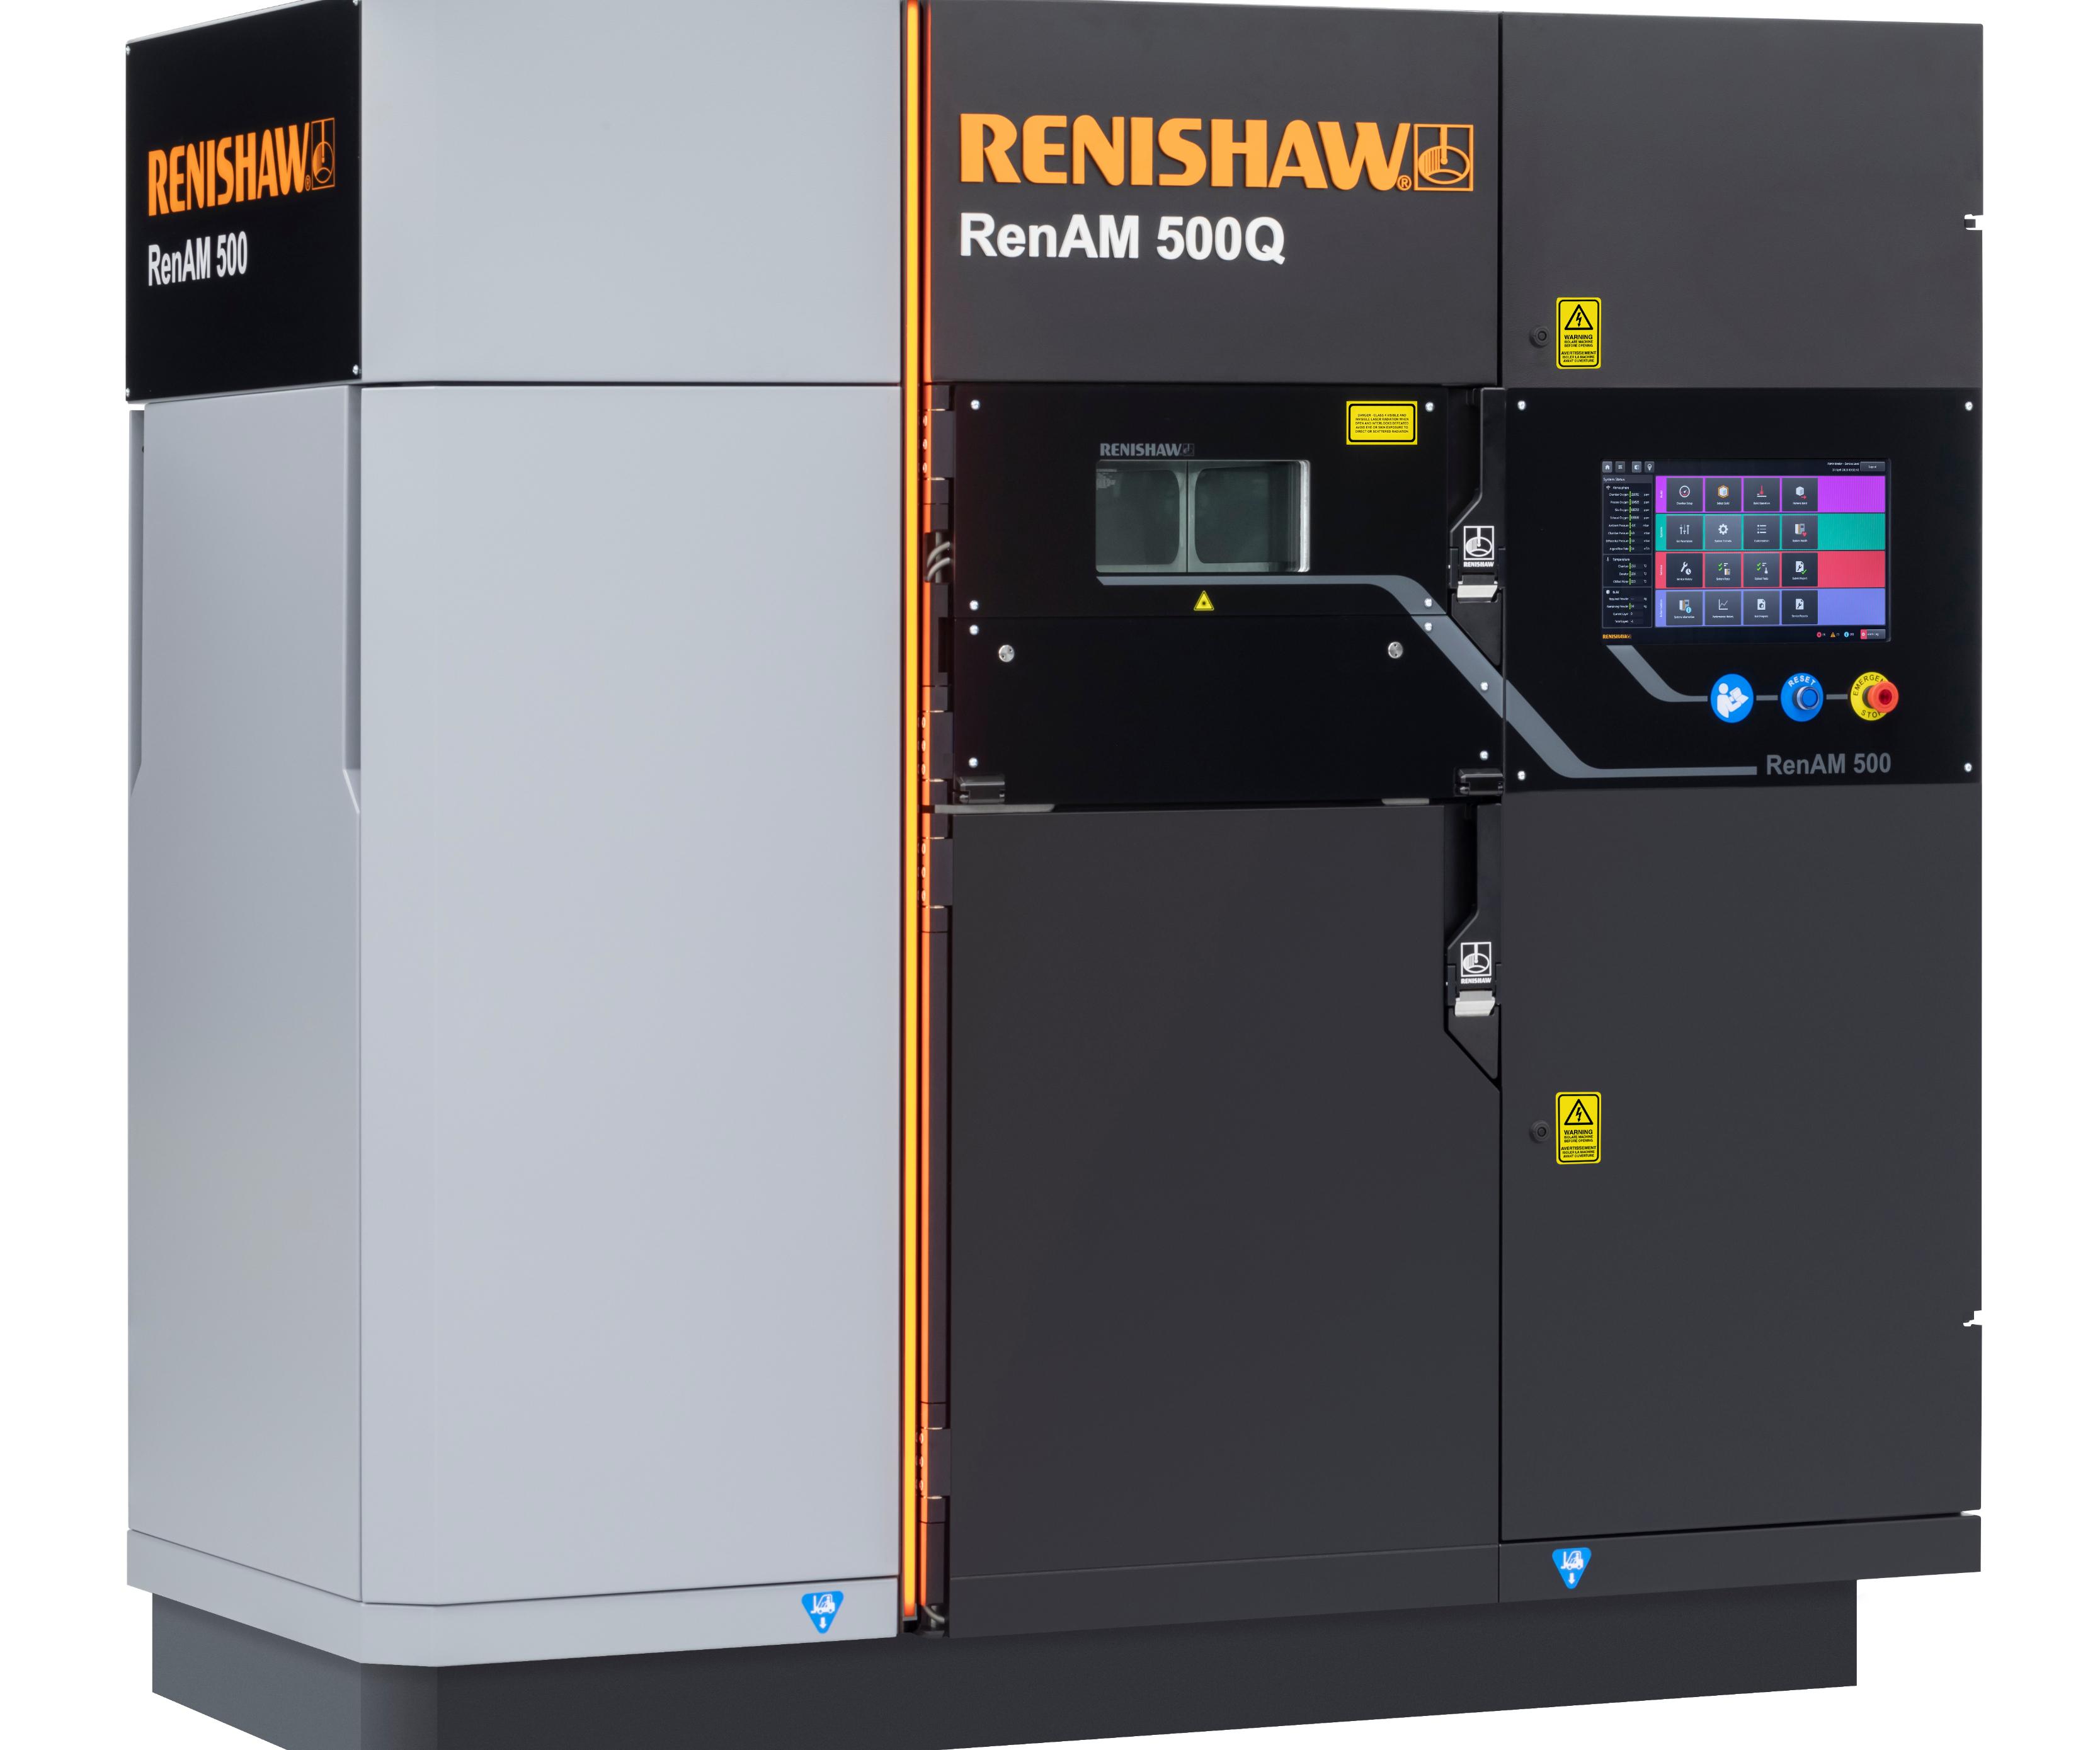 RenAM 500Q,sistema de manufactura aditiva multi-láser de Renishaw.